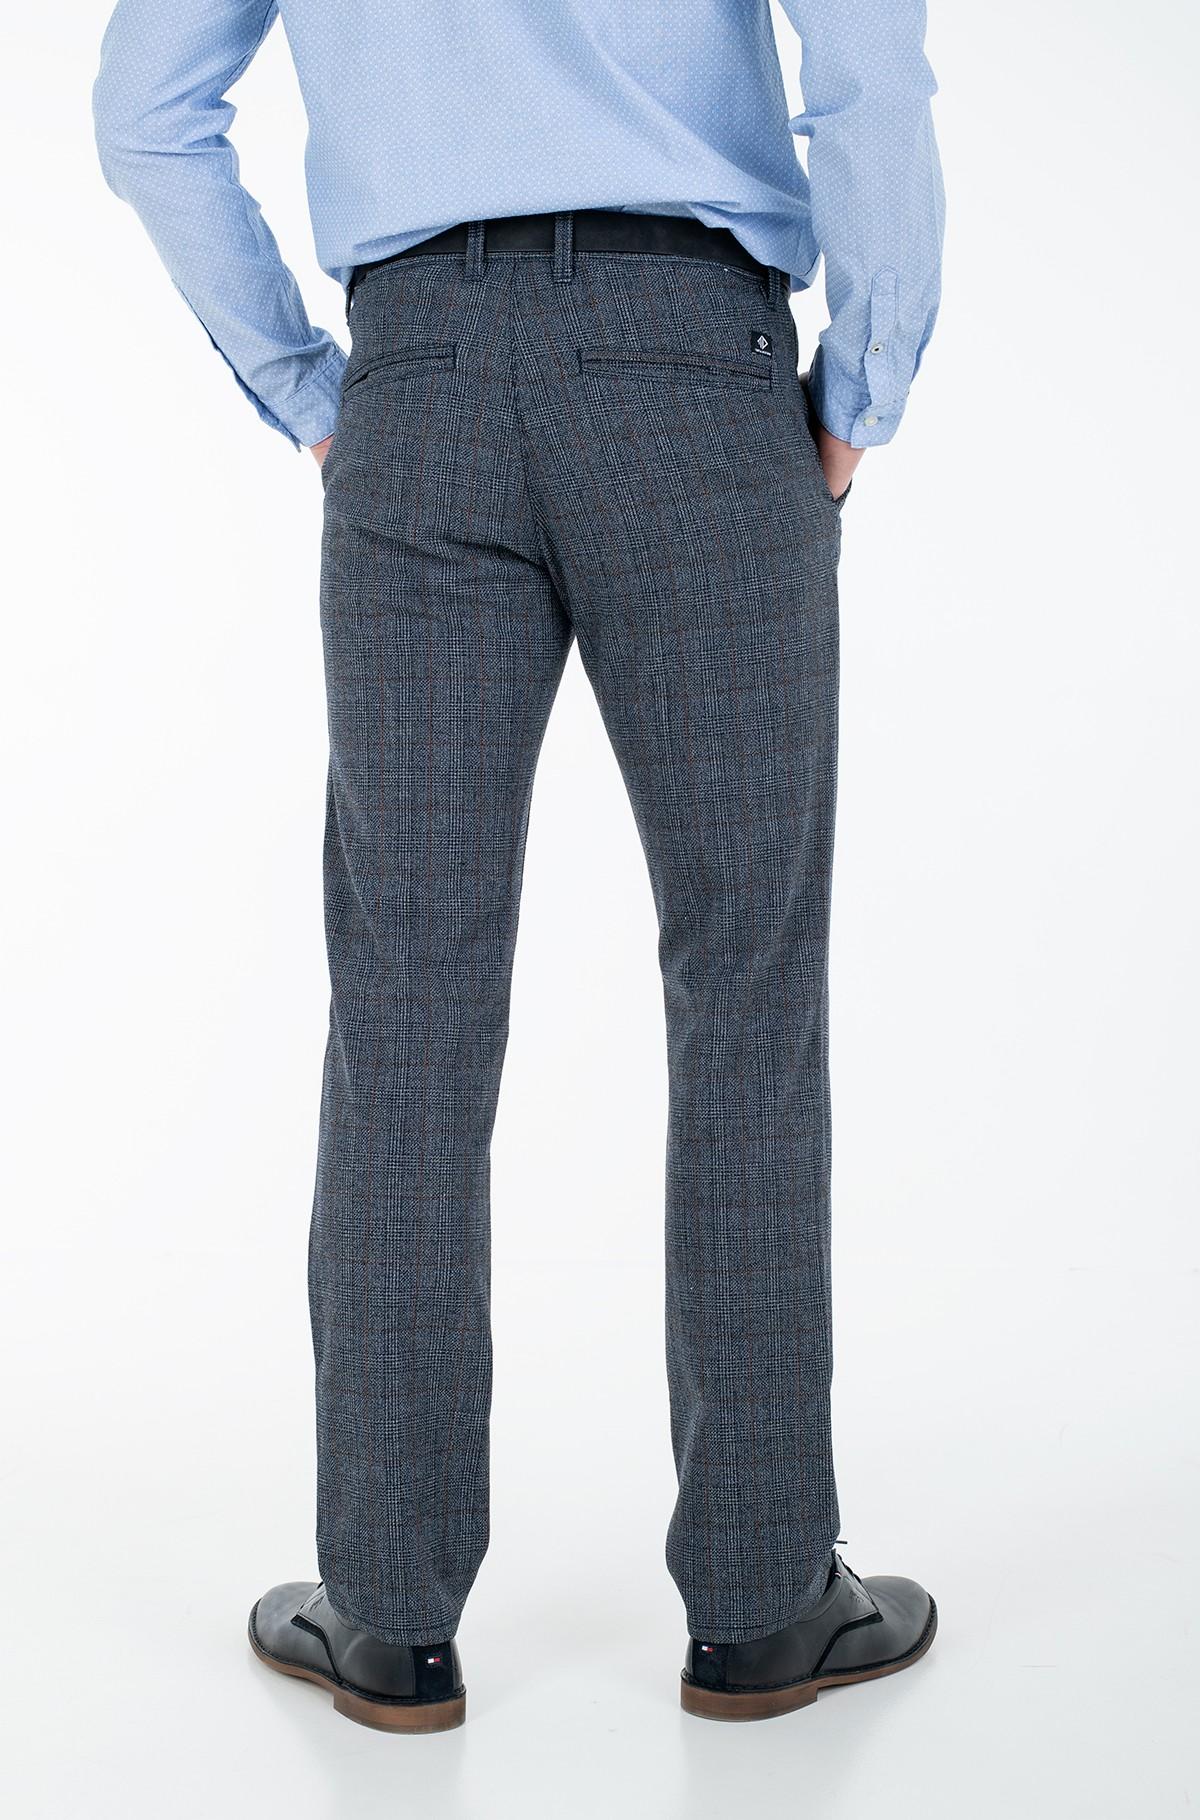 Riidest püksid 1020451-full-2